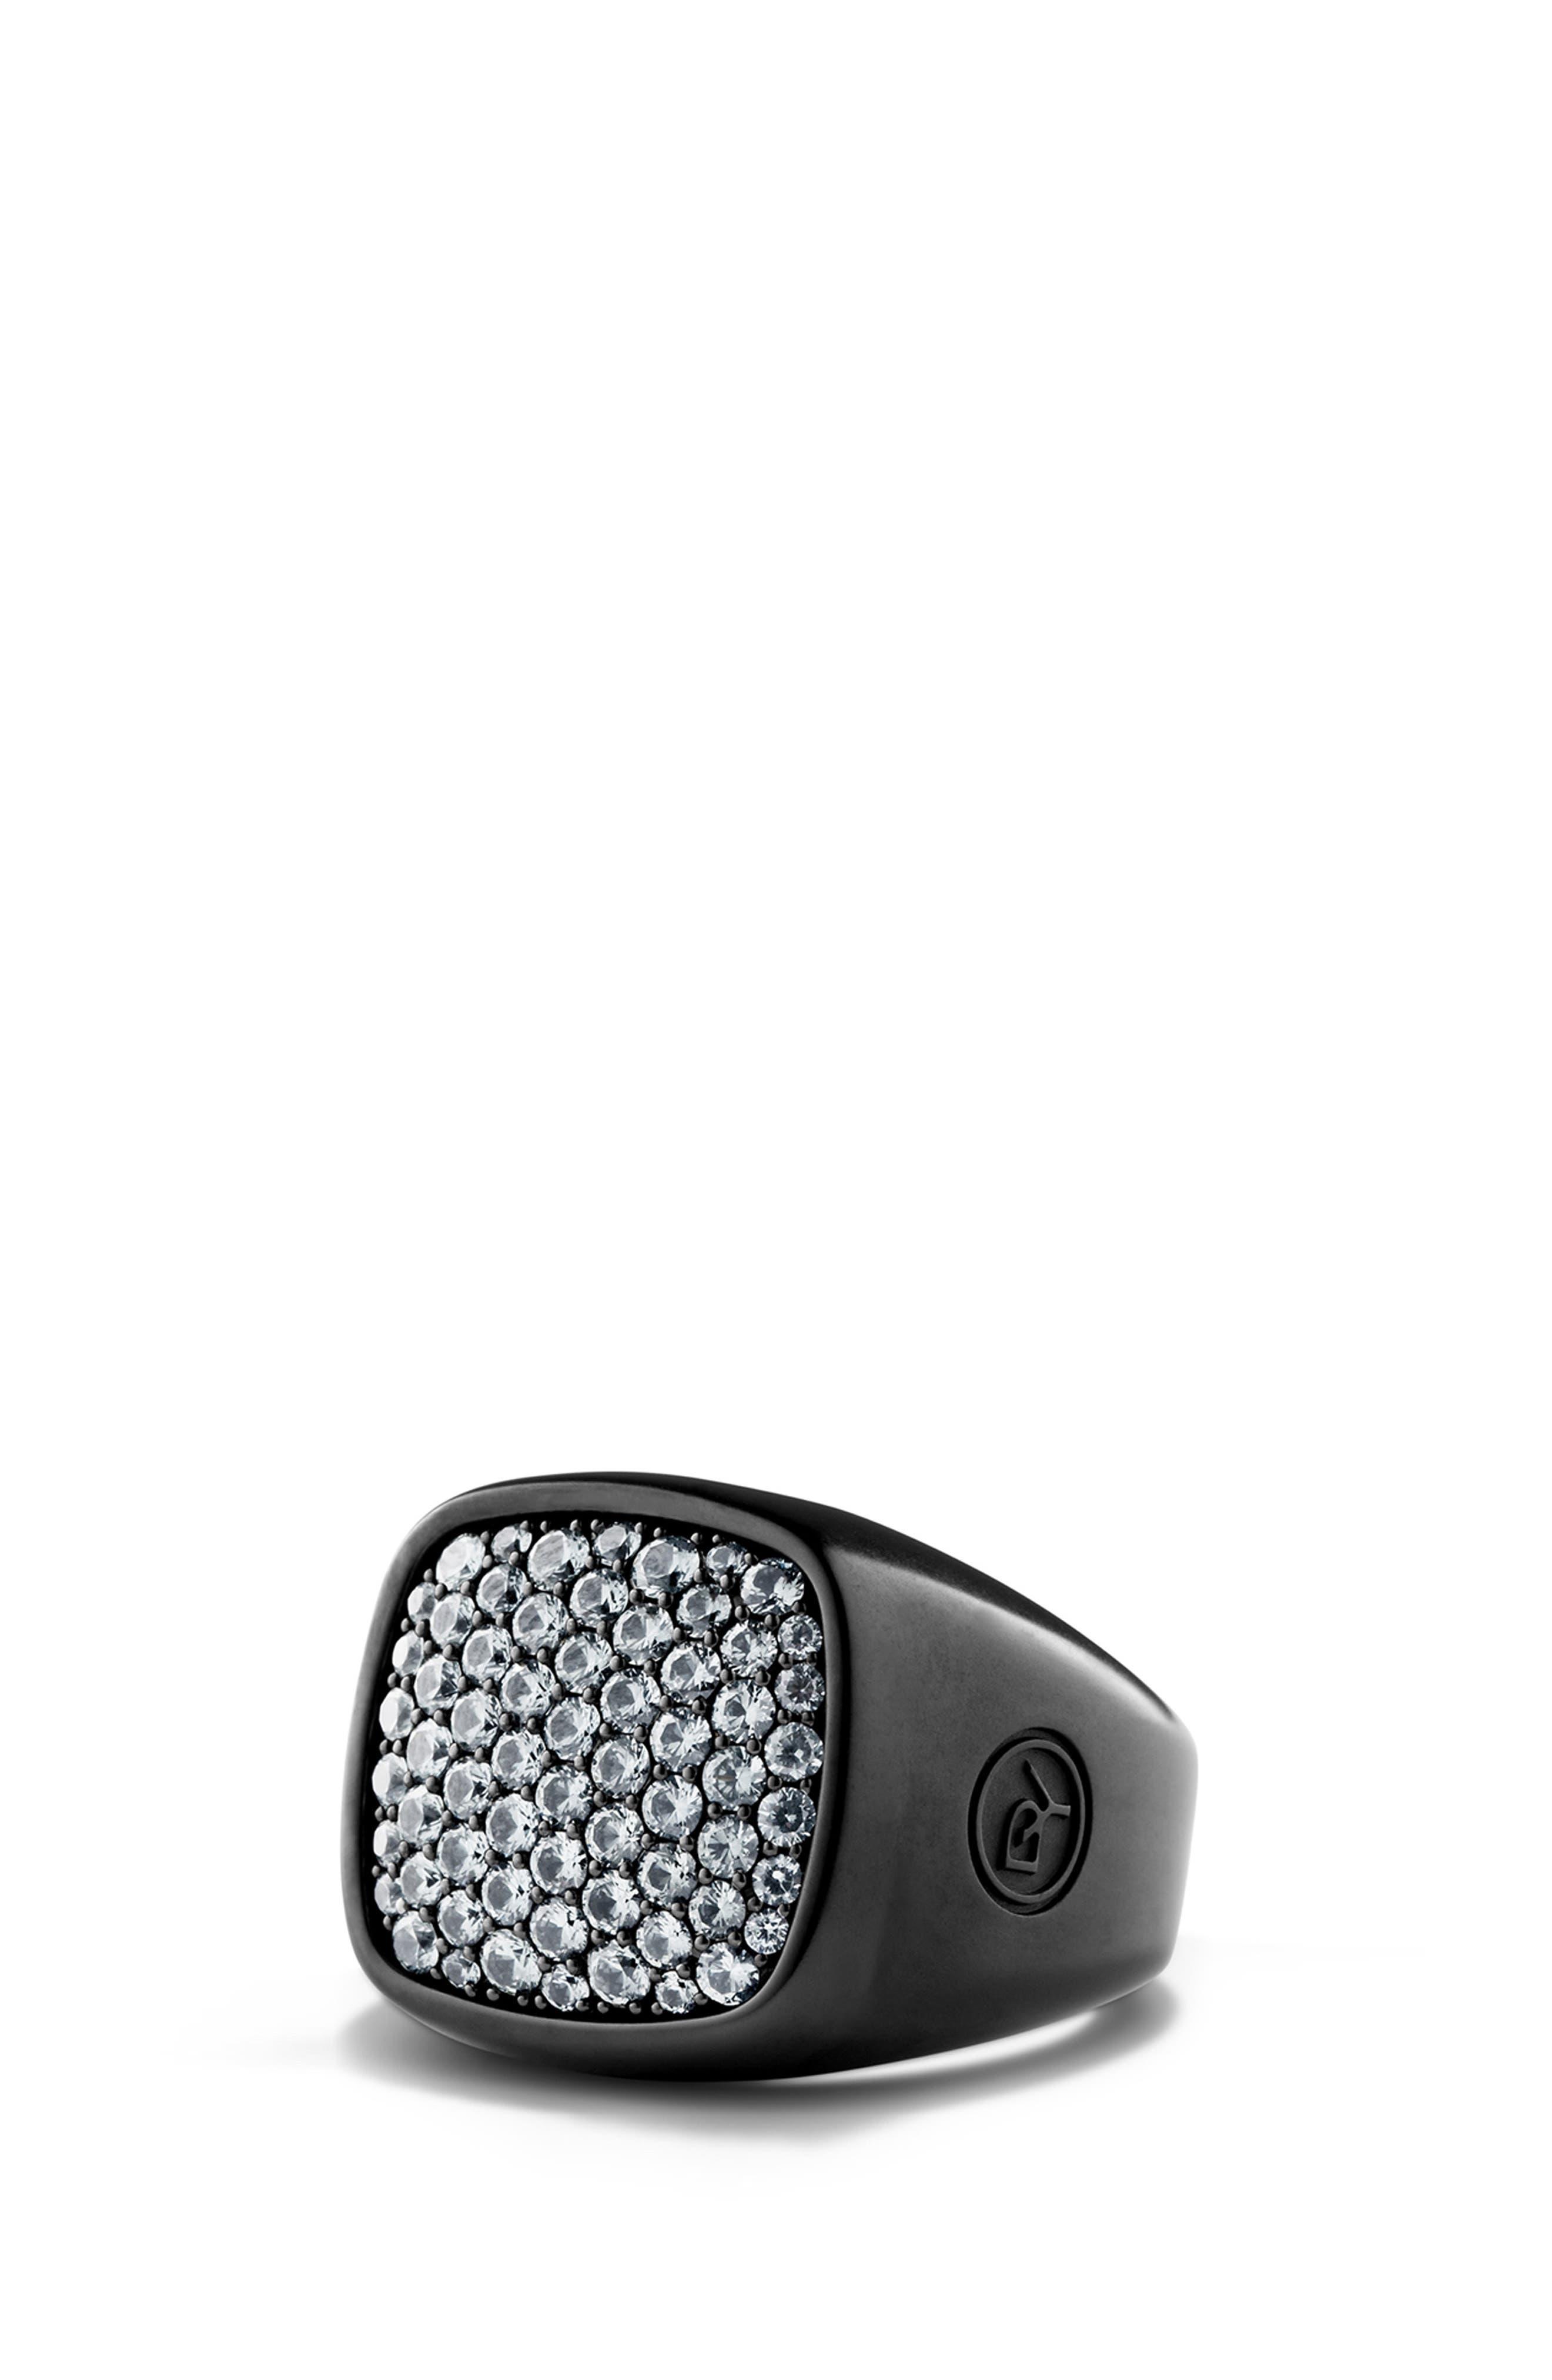 David Yurman 'Pavé' Ring with Precious Stones